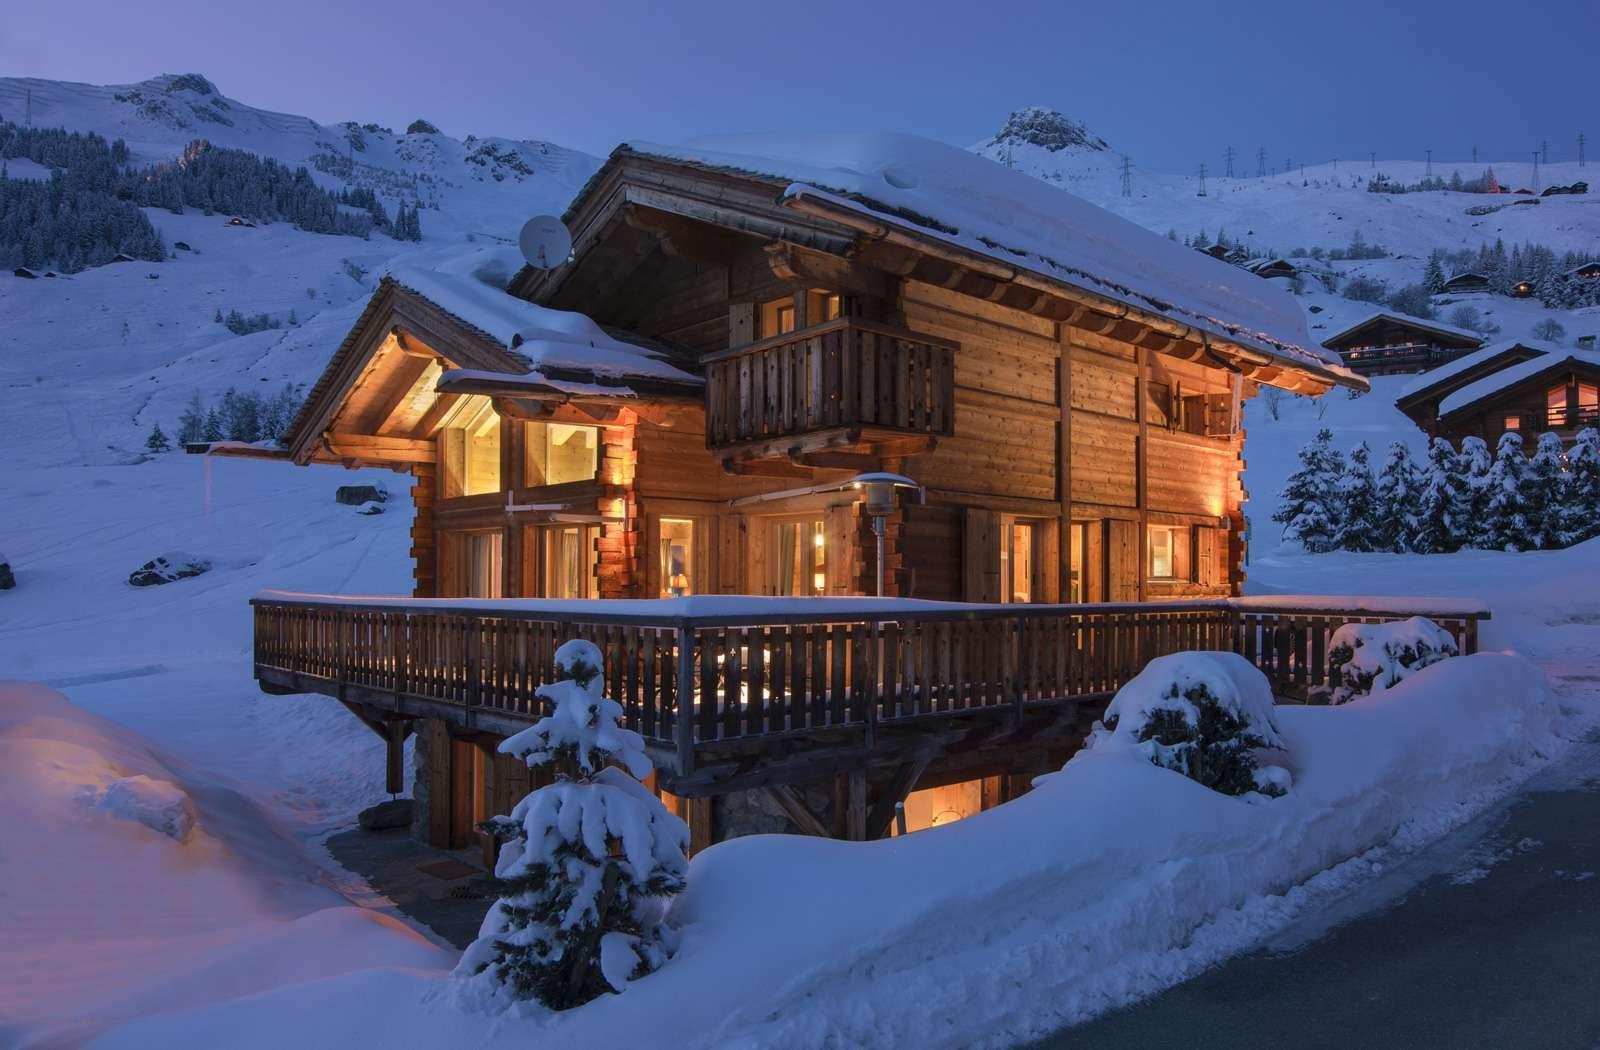 verbier 010 ski chalet design pinterest haus traumhaus und wohnen. Black Bedroom Furniture Sets. Home Design Ideas